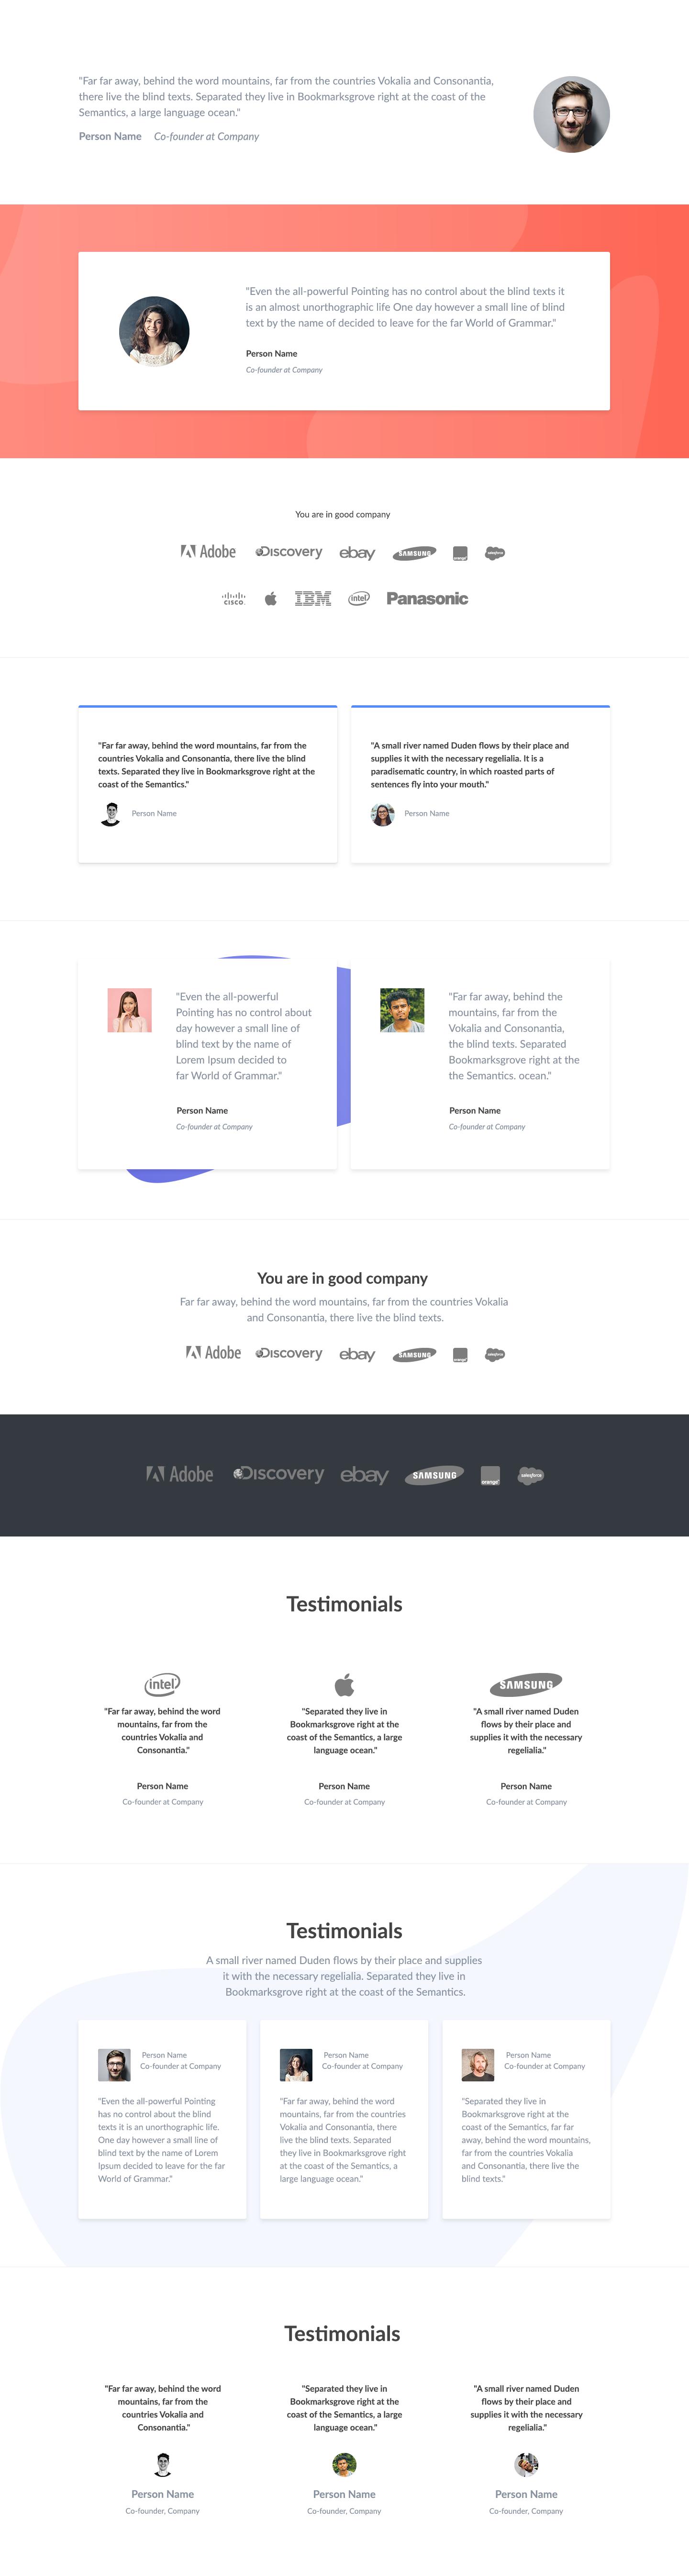 Froala Design Blocks 2 - Free responsive design blocks based on Bootstrap 4